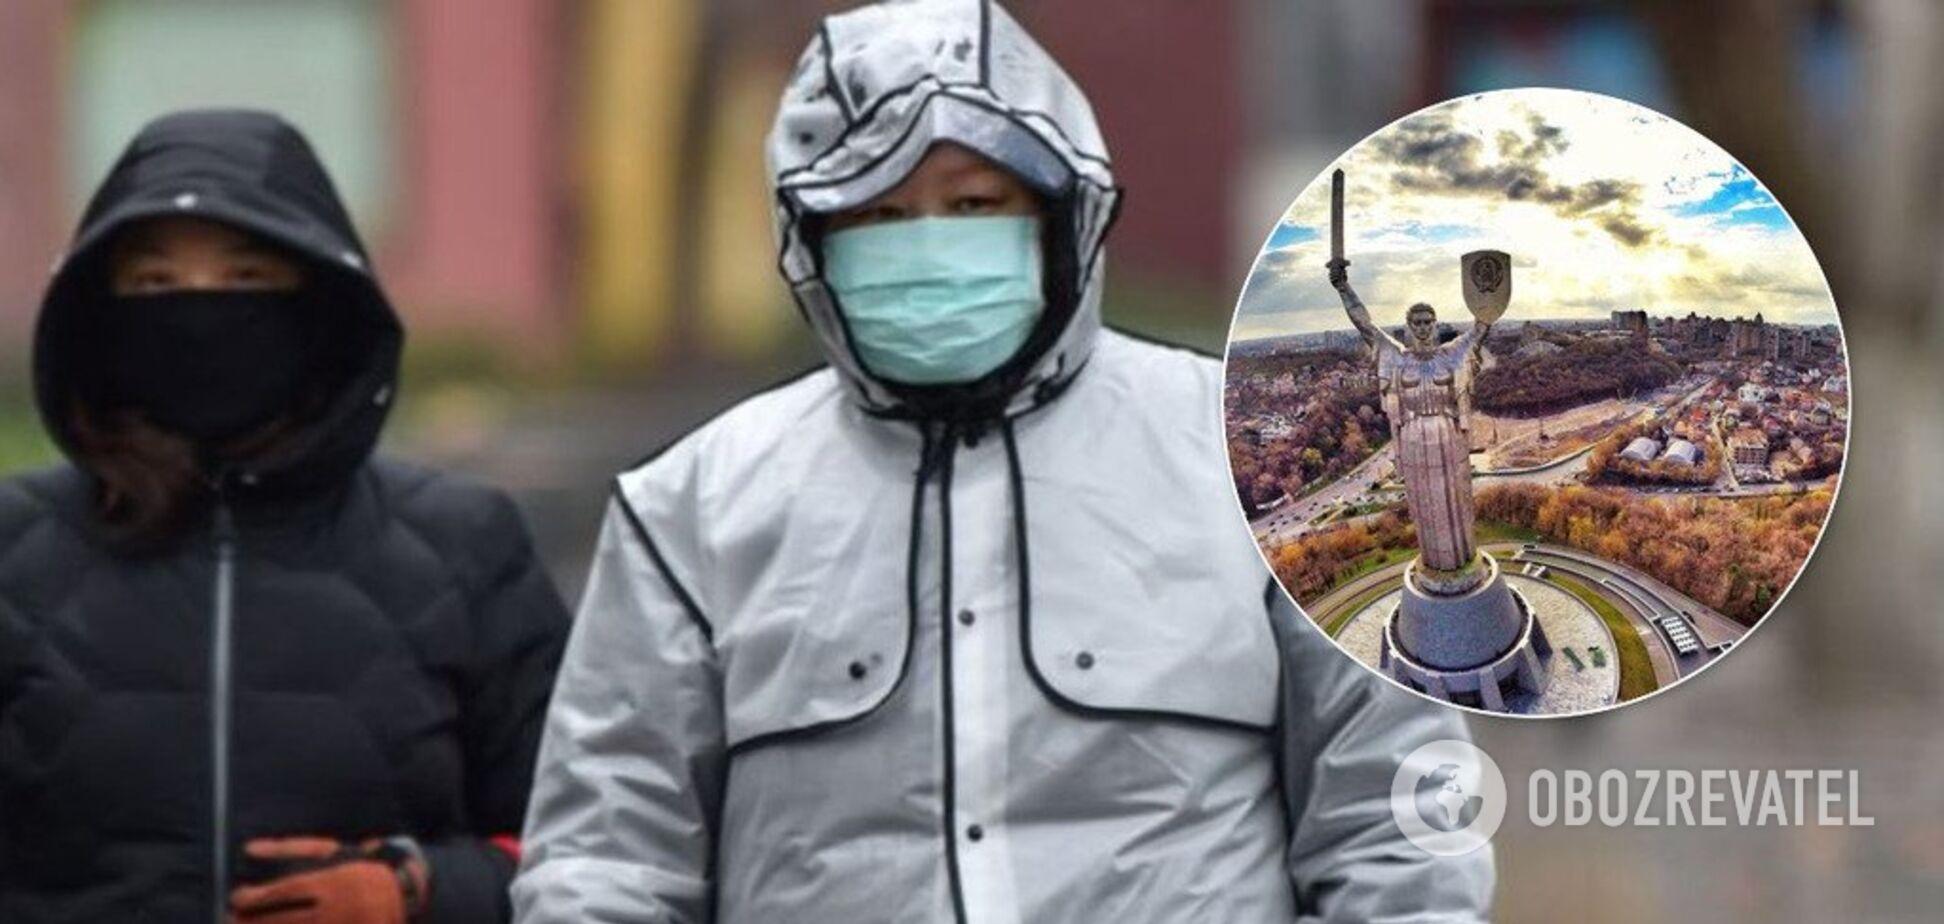 У Києві зареєстрували випадок коронавірусу. Ілюстрація